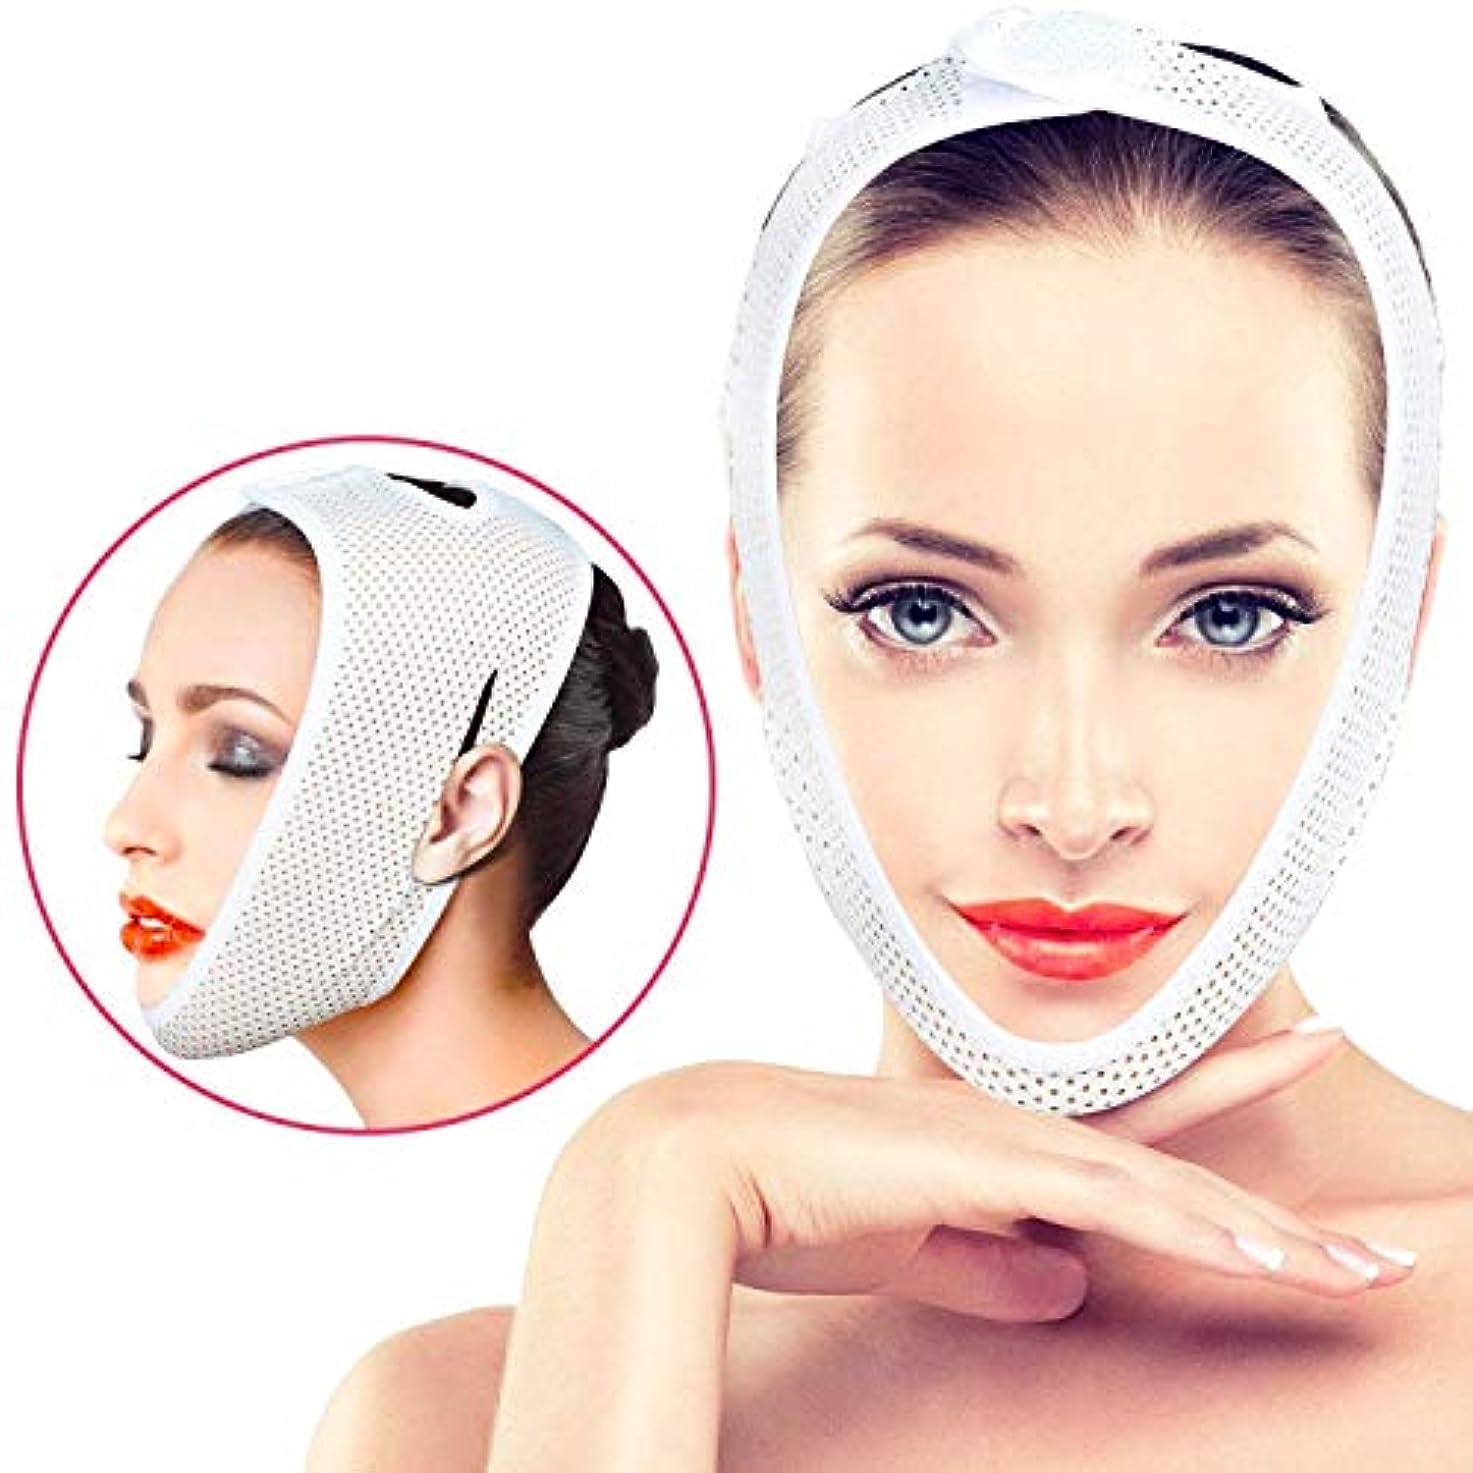 悪質なドナーバングラデシュWSJTT パッチ通気チンケアを締め付け女性のための顔のリフティングベルト、Vラインチンチークリフトアップバンドアンチリンクル包帯、スリミング包帯二重あごケア減量Vフェイスベルト補正ベルト